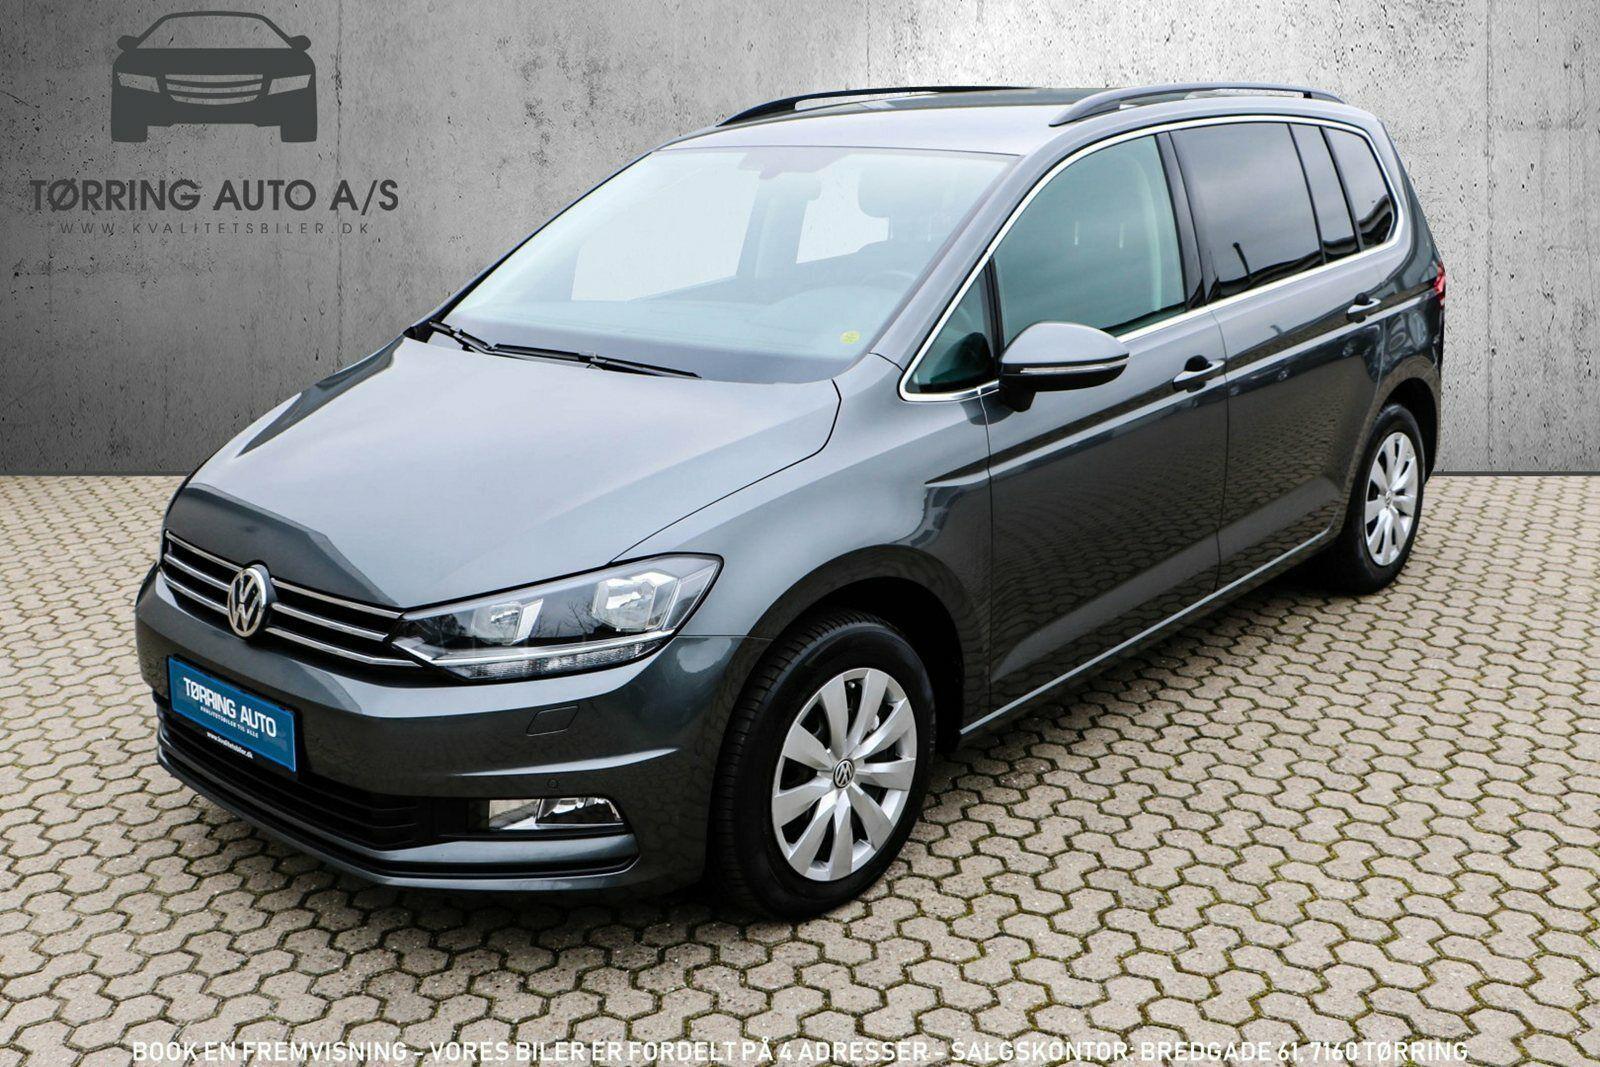 VW Touran 1,6 TDi 115 Comfortline DSG 7prs 5d - 309.900 kr.